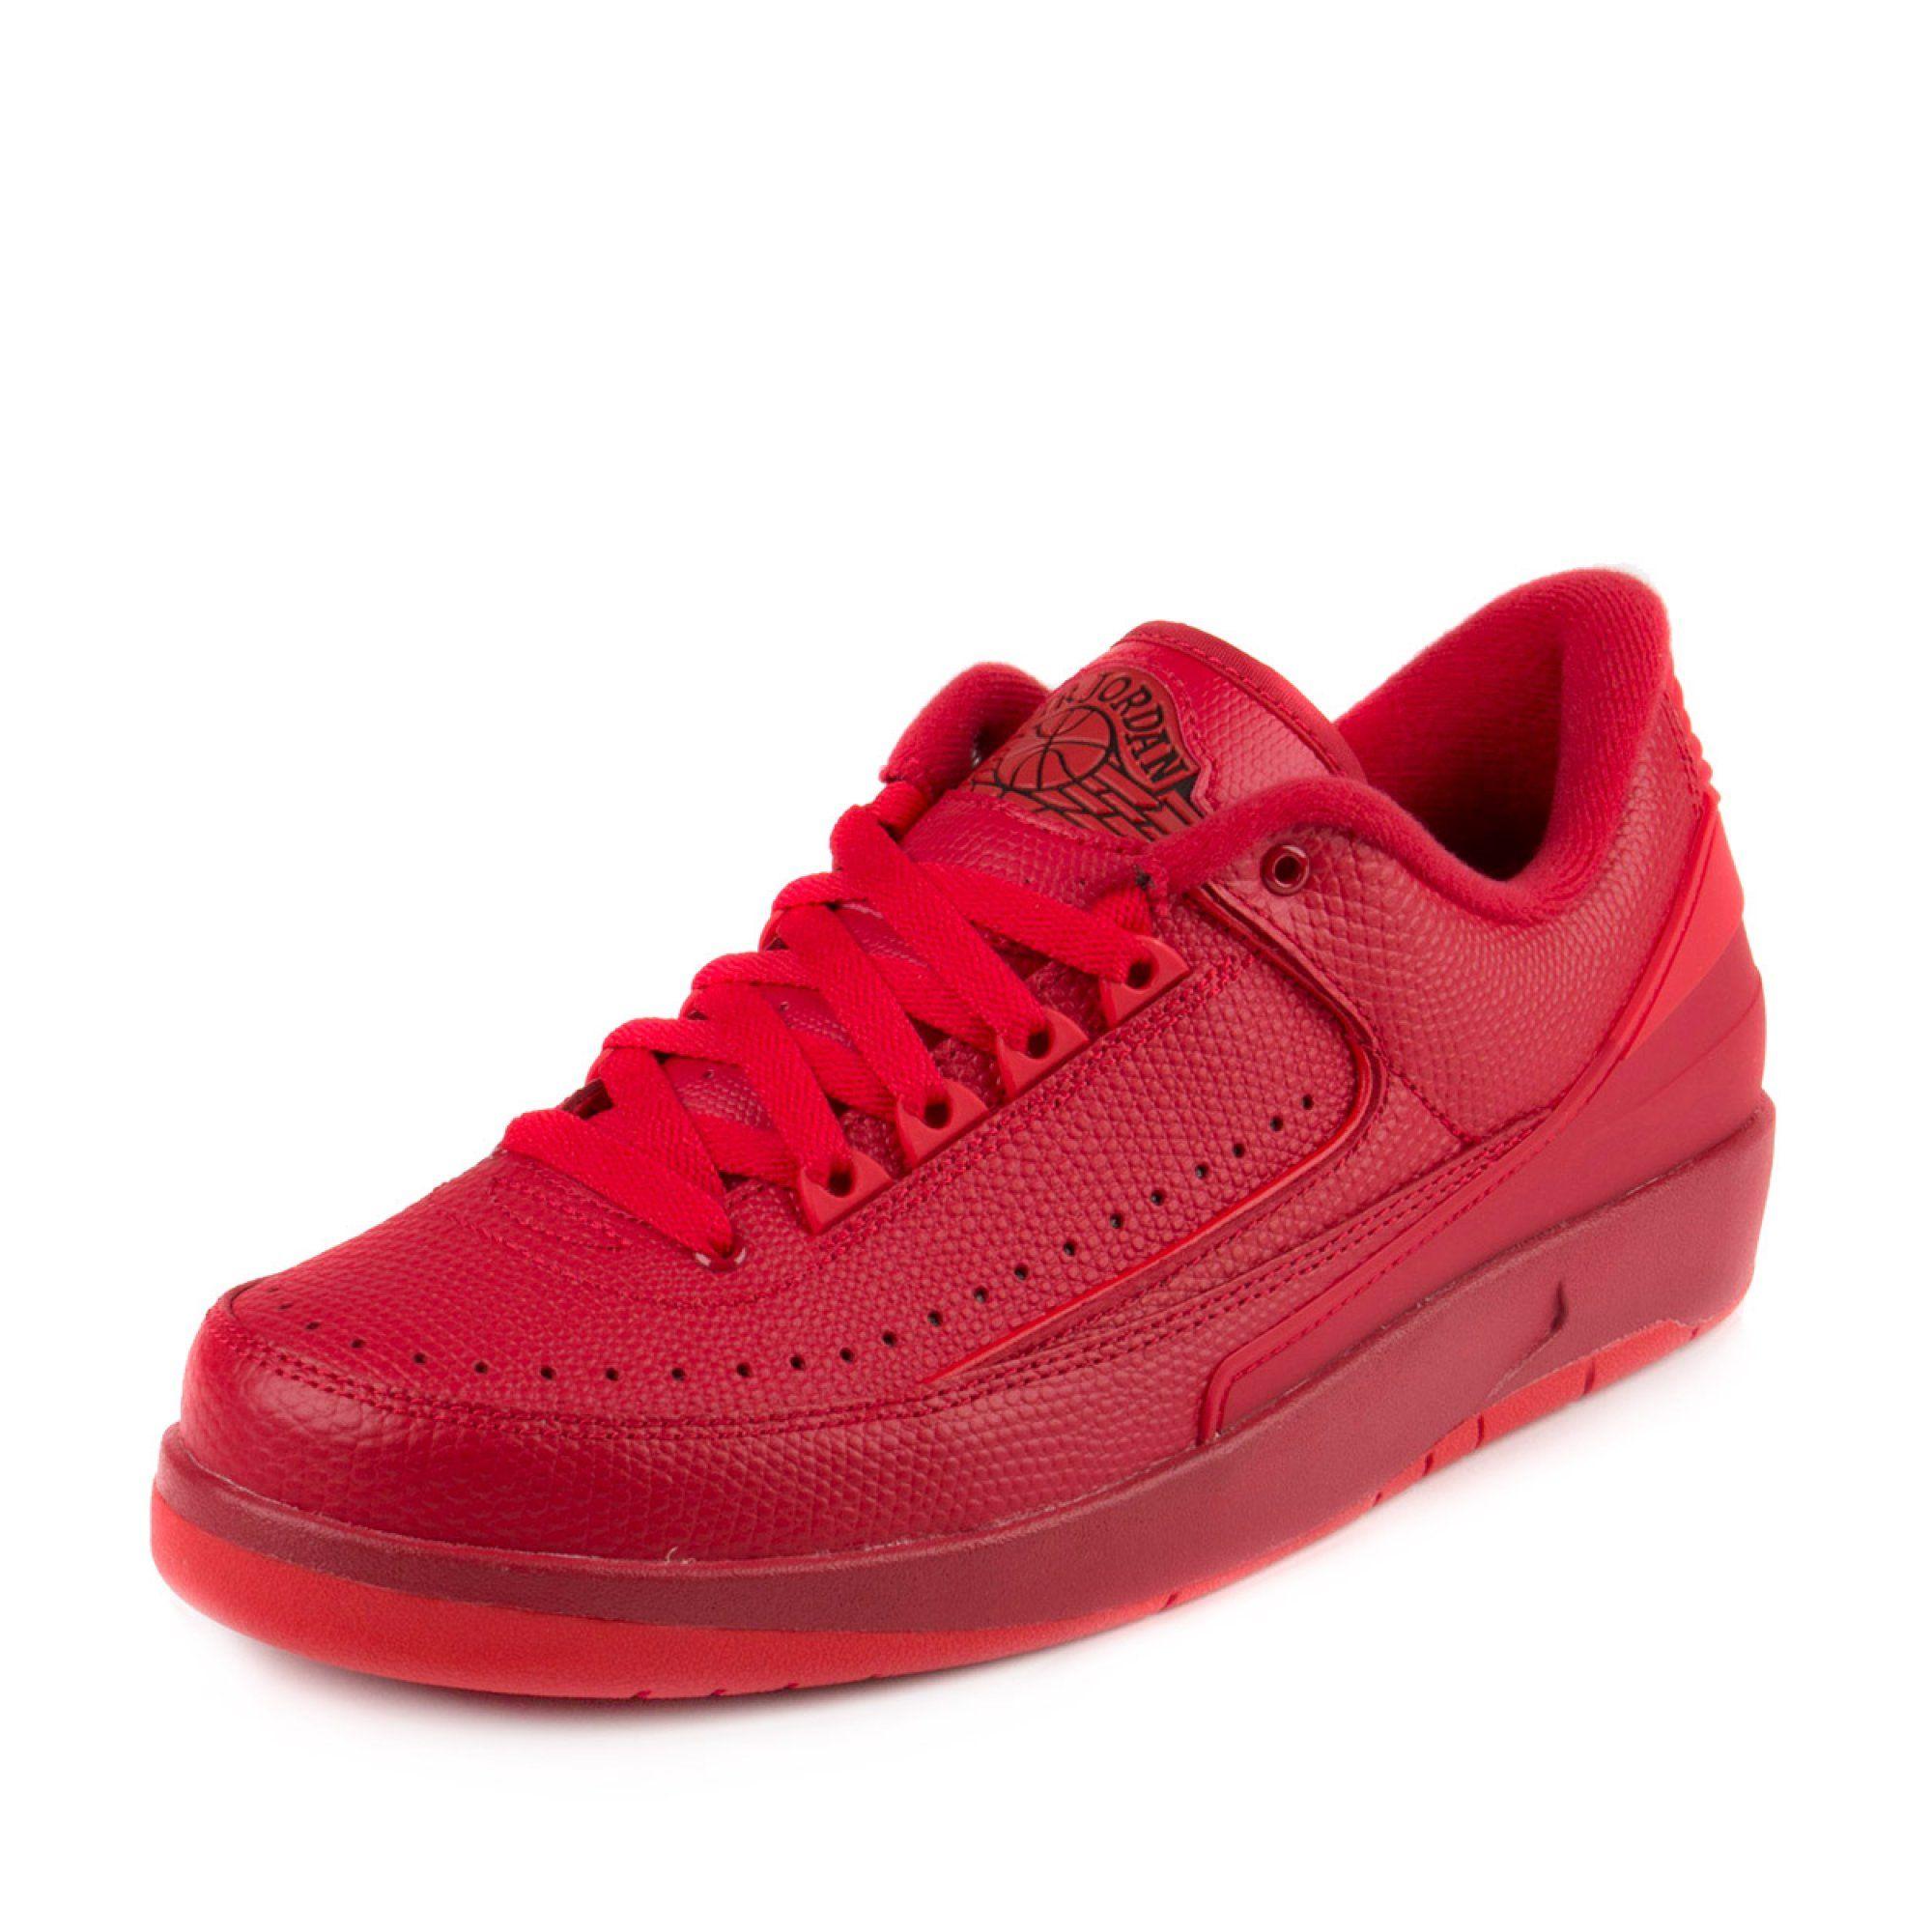 Nike Mens Air Jordan 2 Retro Low Gym Red University 832819 606